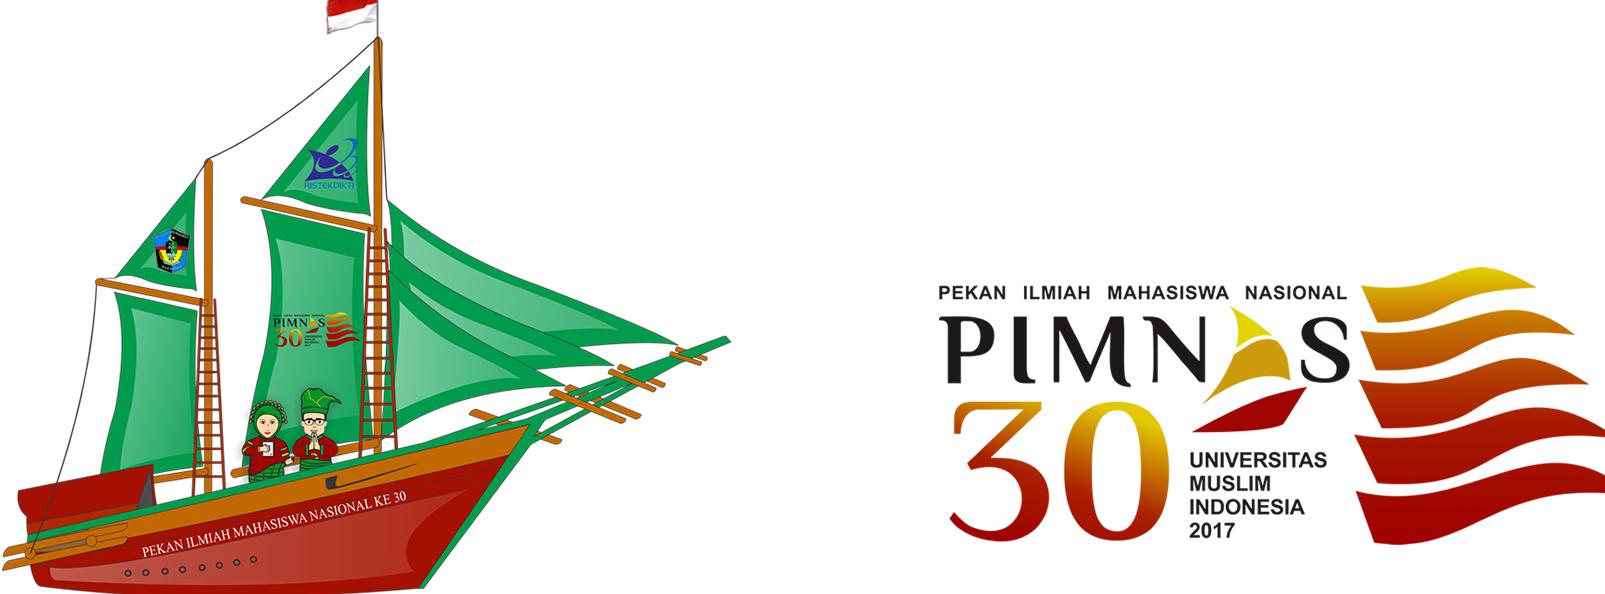 logo pimnas ke 30 tahun 2017 beserta maskot